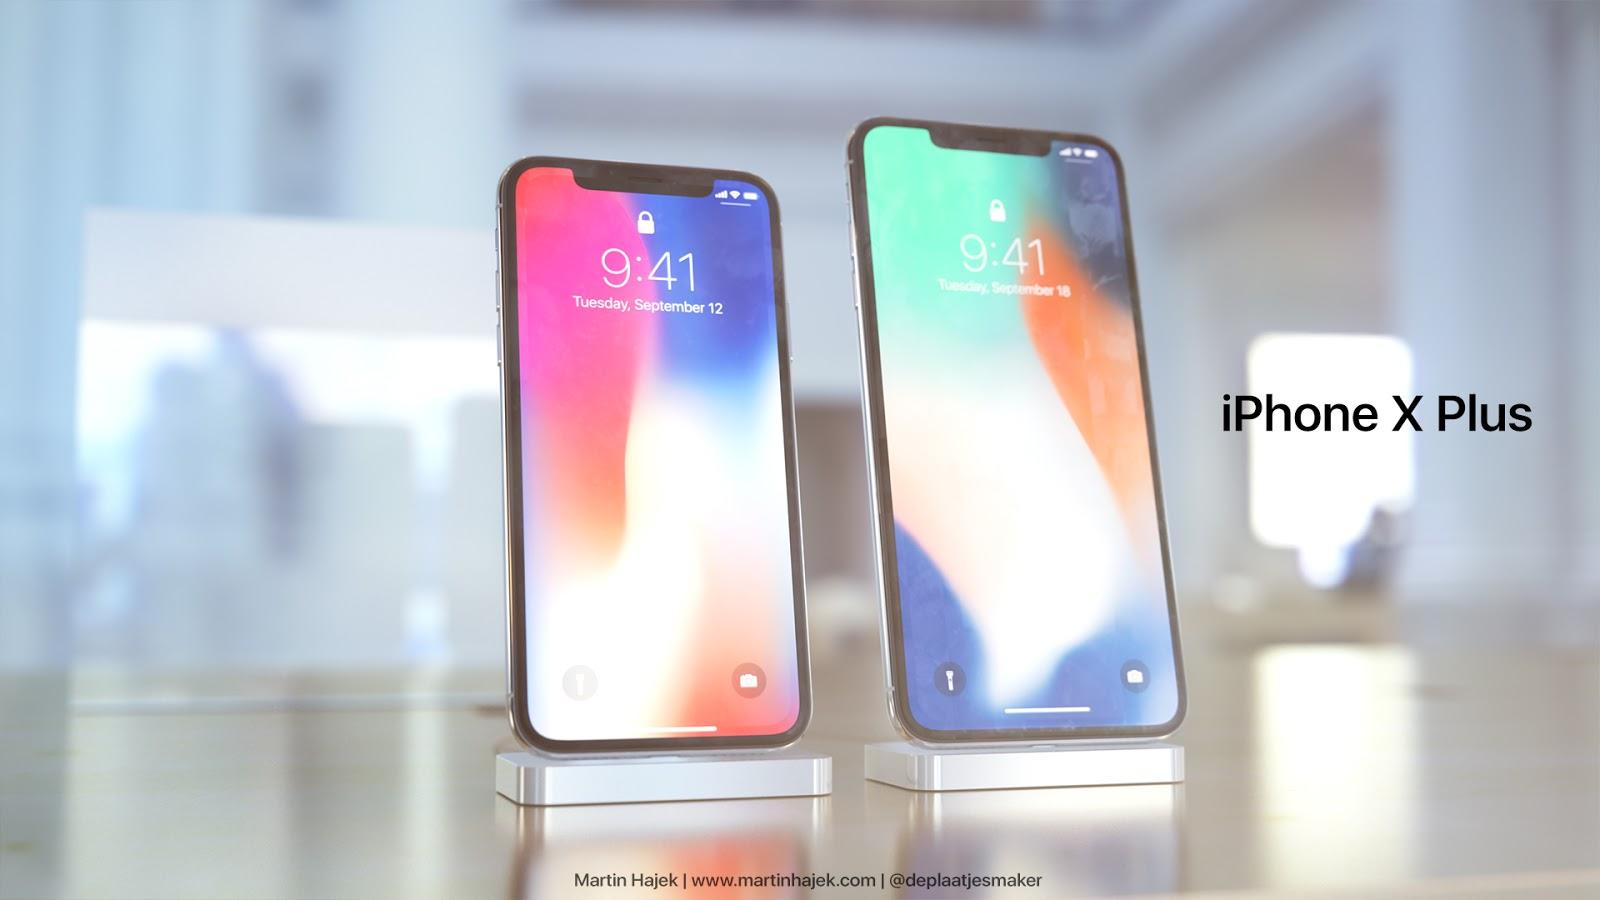 6.7 吋 iPhone X Plus 概念設計:豈止於大